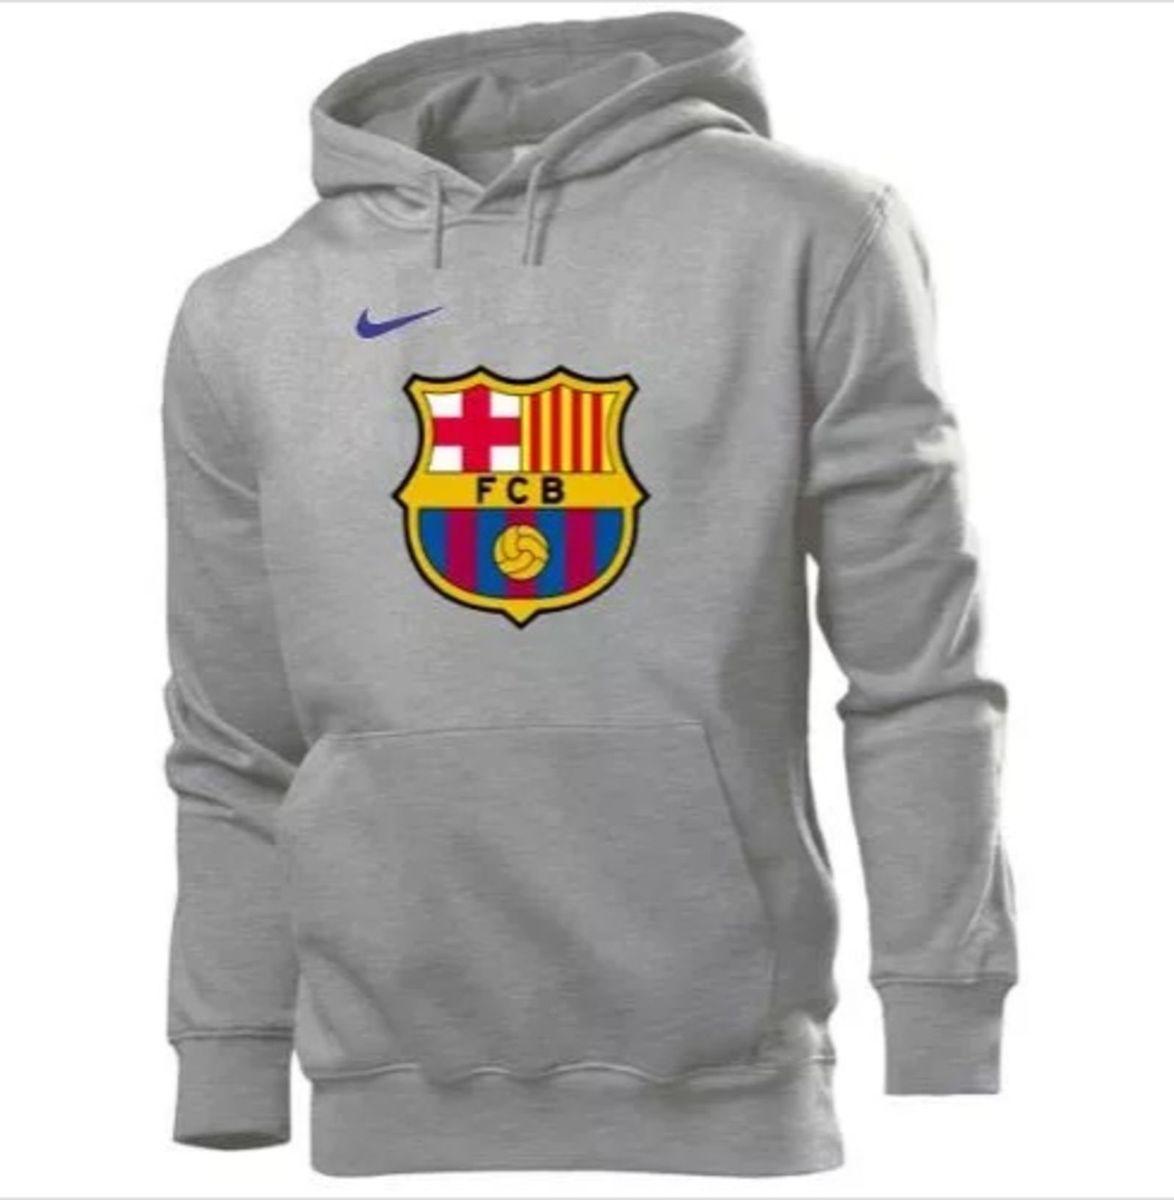 blusa moletom barcelona - tamanho m - casacos barcelona 5b43715ac1531